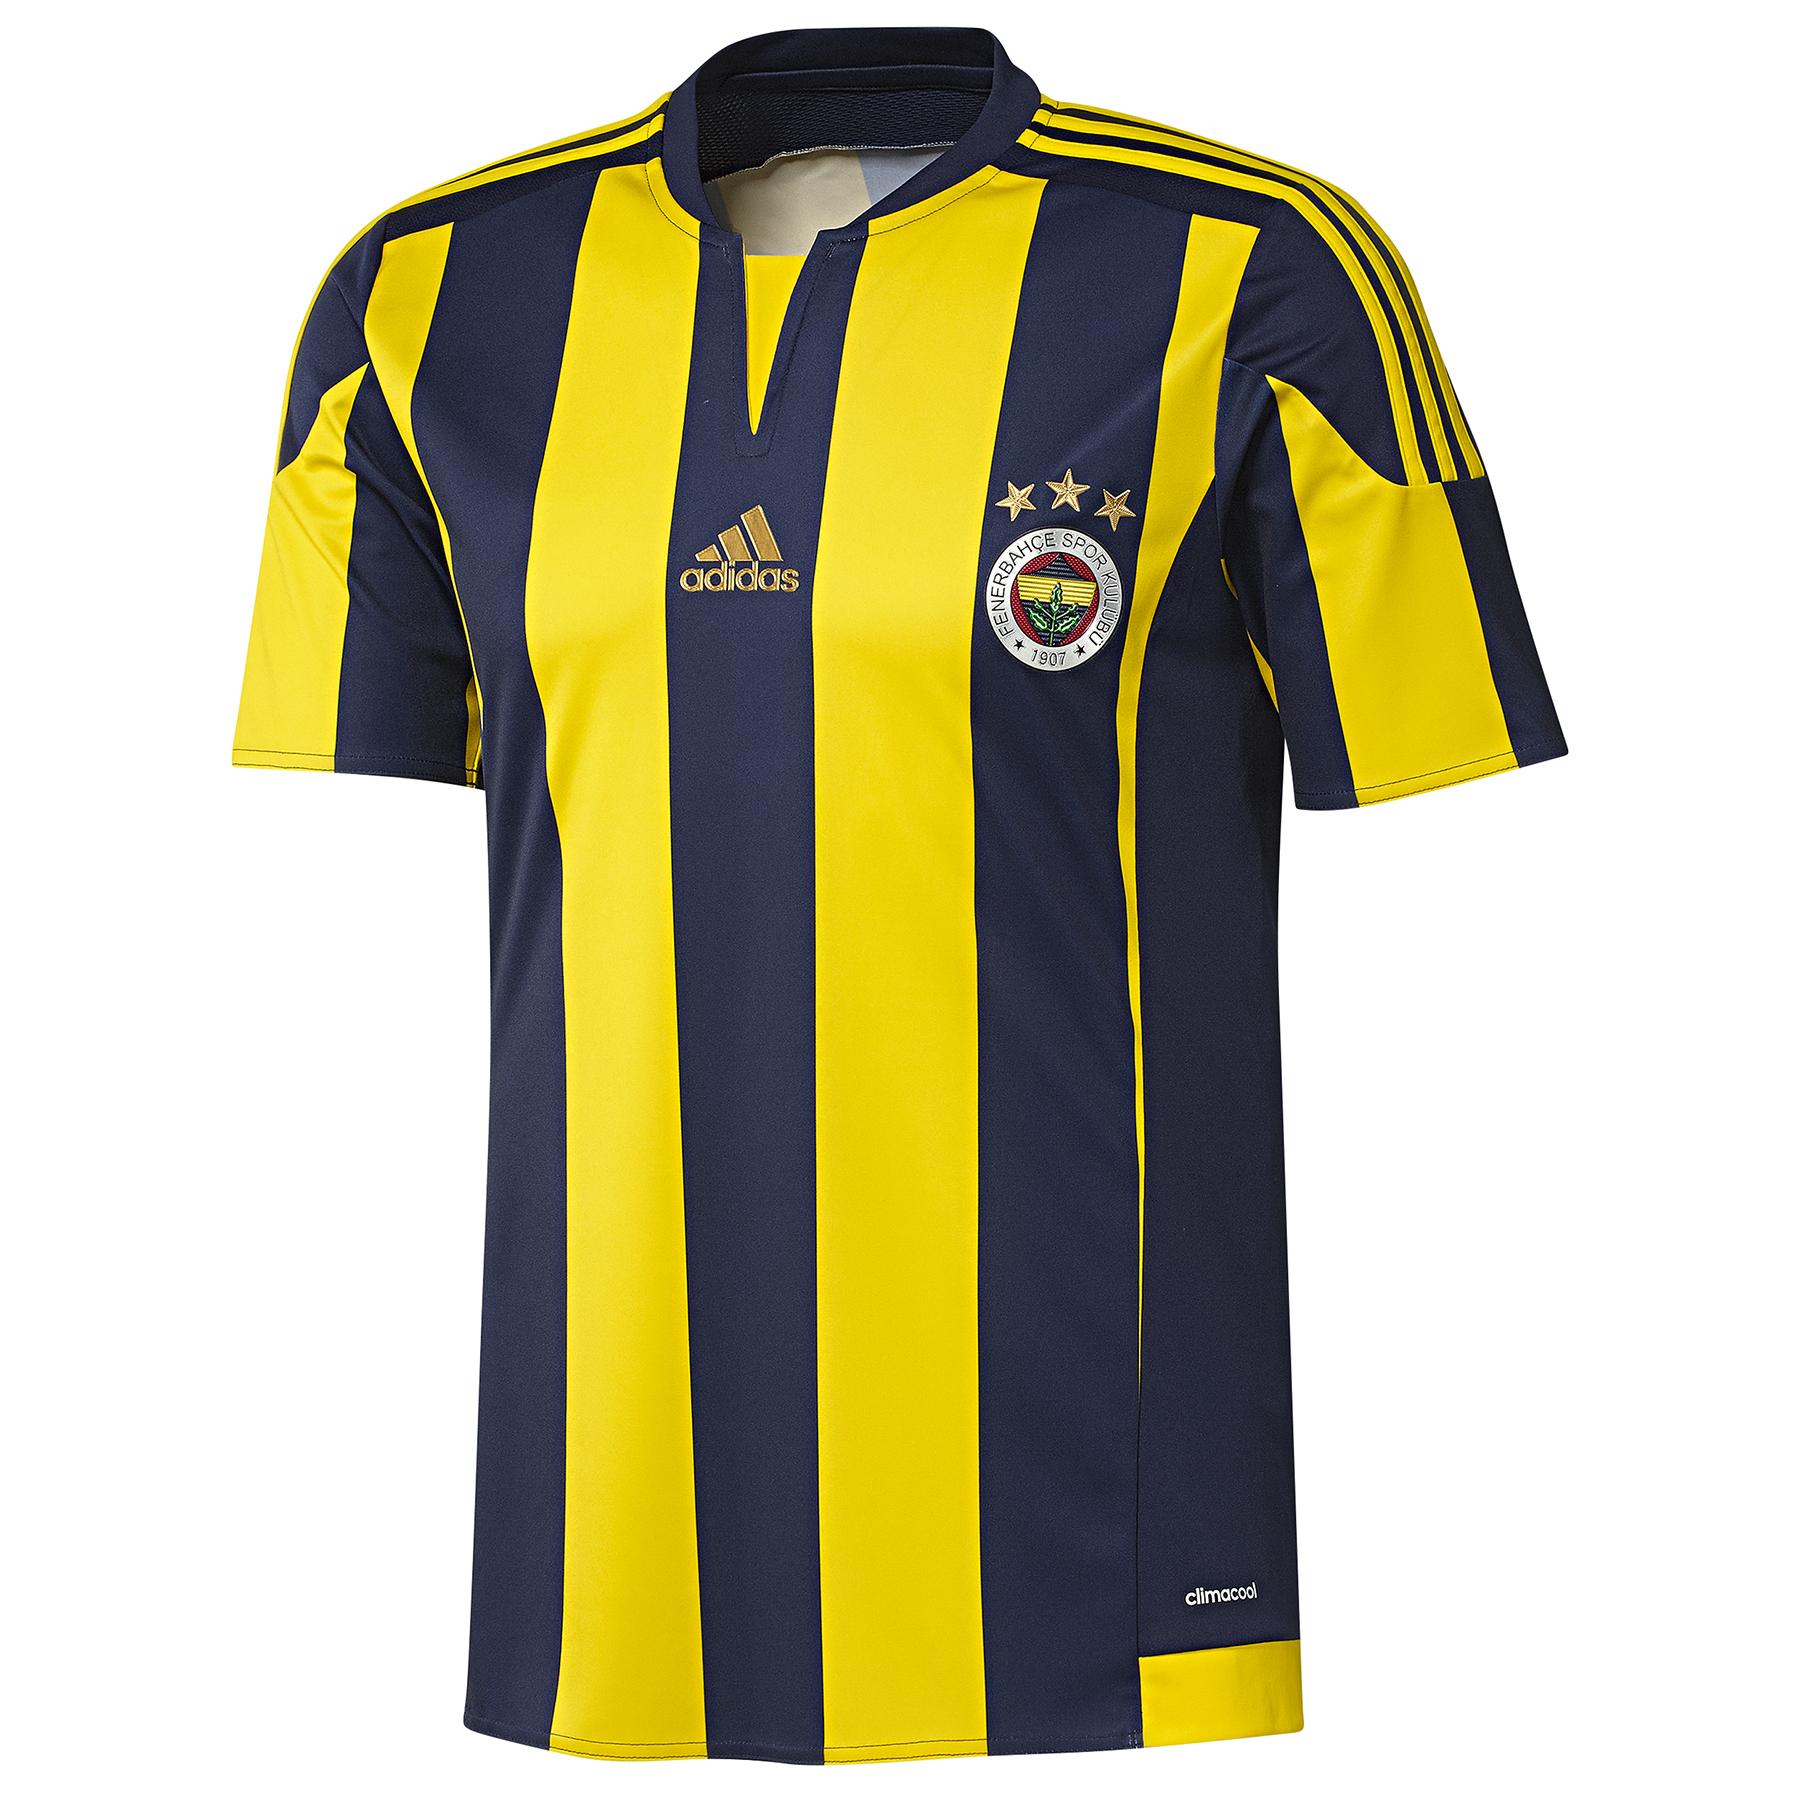 fdd6576b338 Chelsea football shirt online - www.handitract.fr